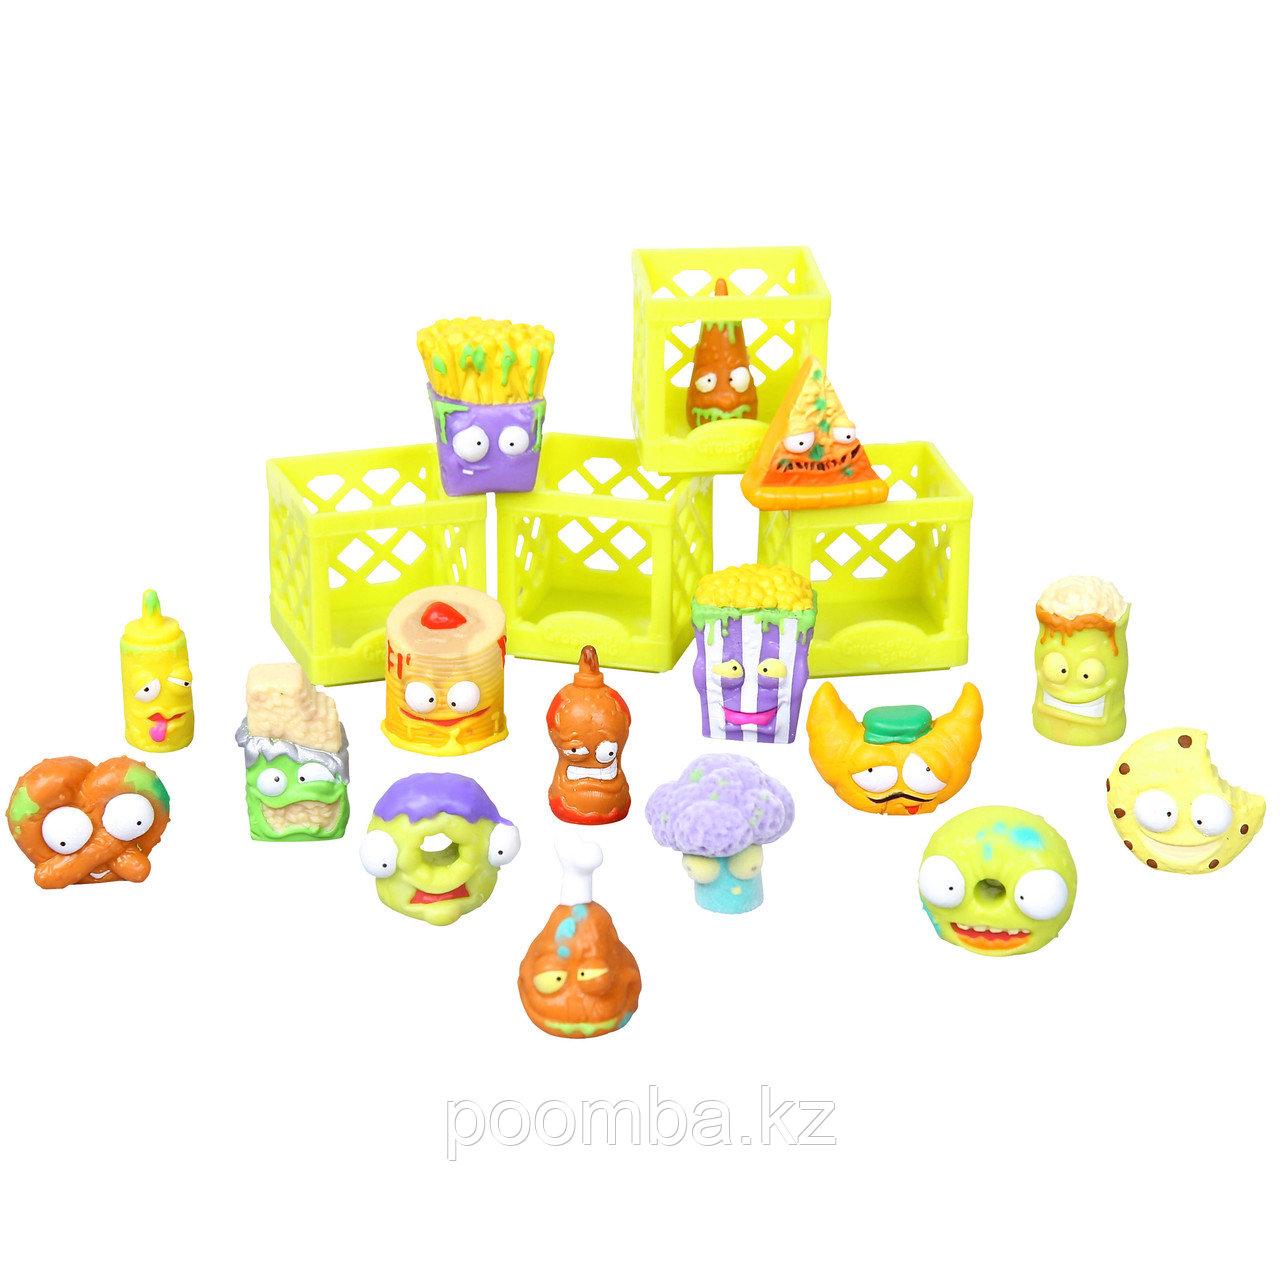 Игровой набор Grossery Gang - Chunky Crunch, 16 фигурок